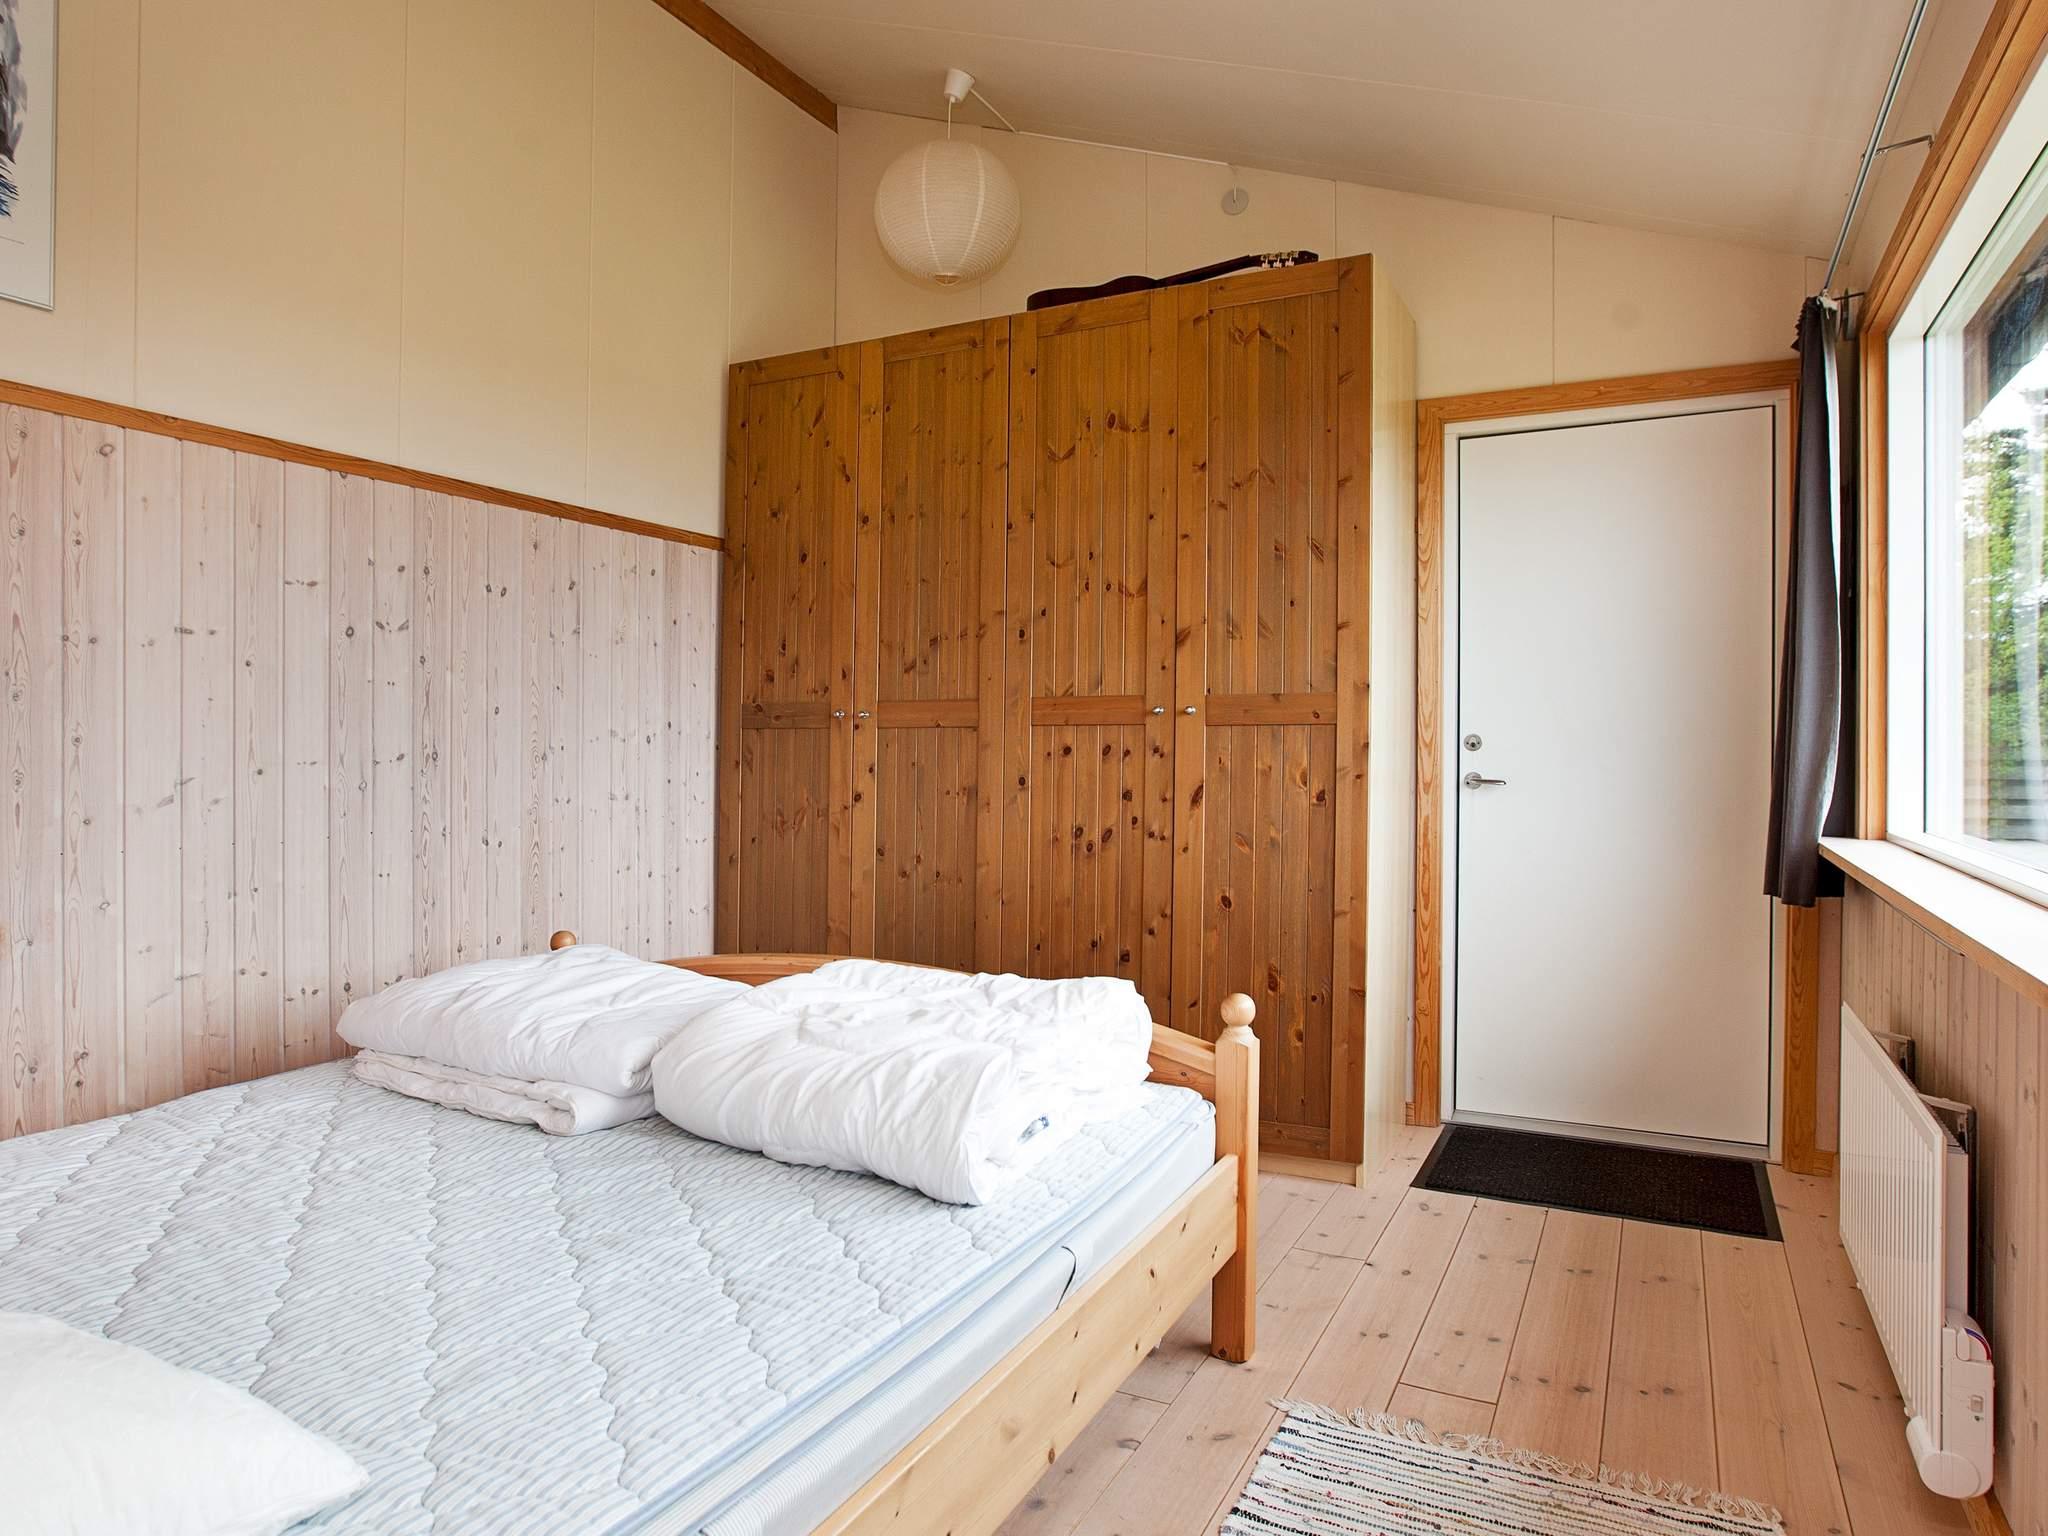 Ferienhaus Veddinge Bakker (2354175), Veddinge, , Westseeland, Dänemark, Bild 7